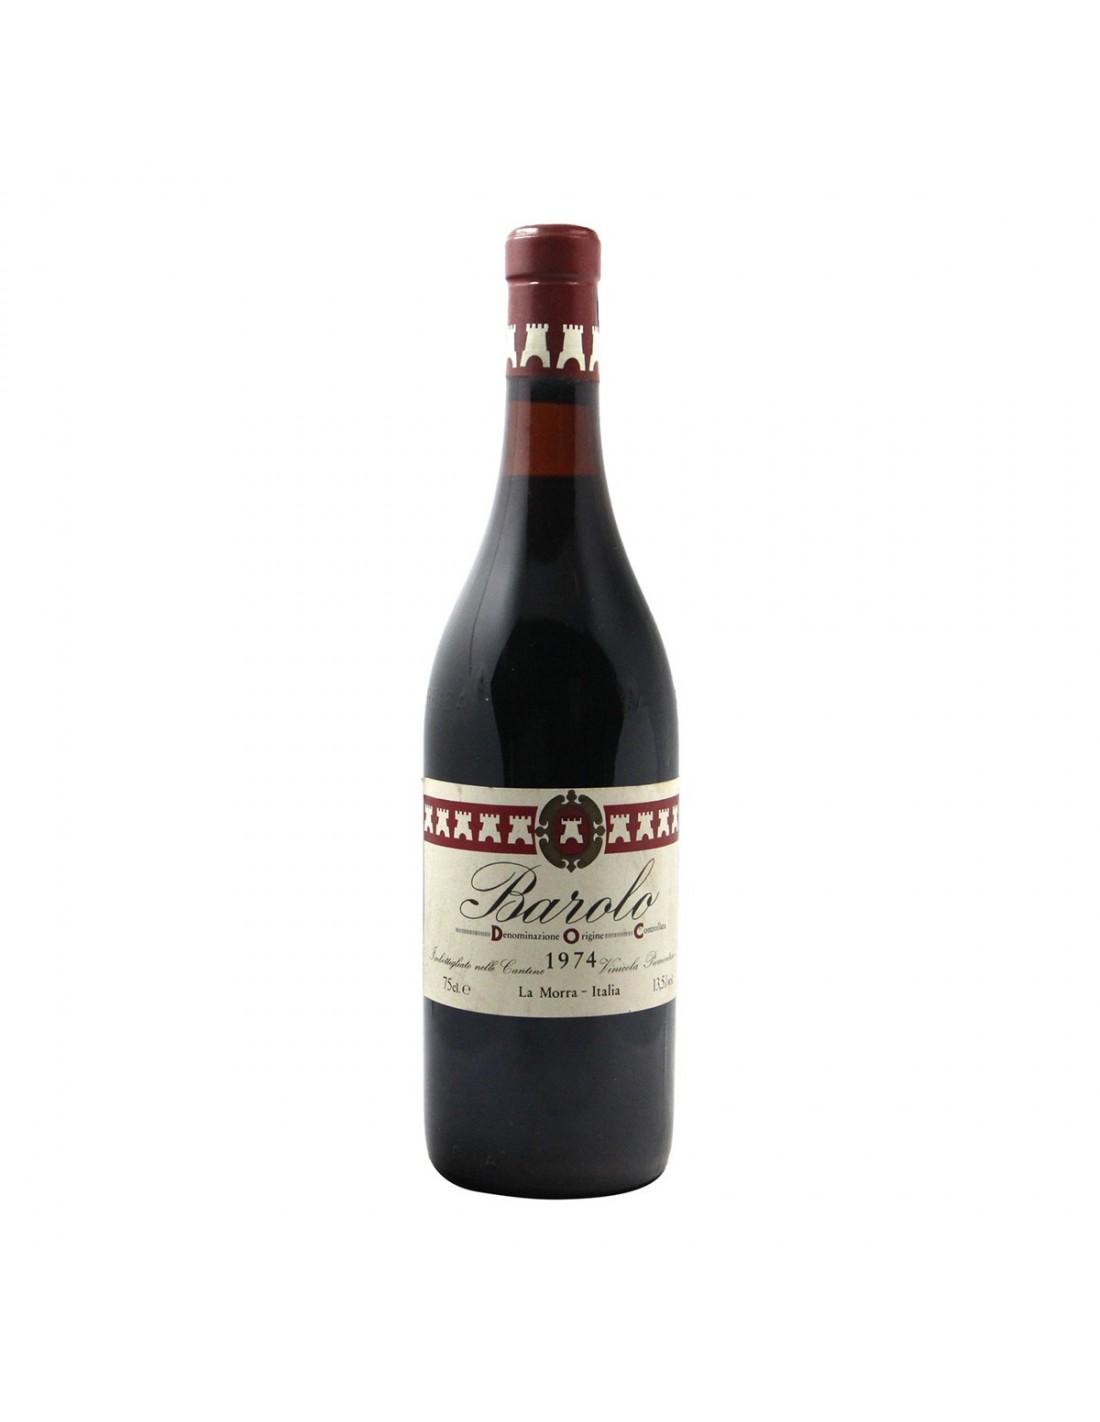 BAROLO 1974 VINICOLA PIEMONTESE Grandi Bottiglie